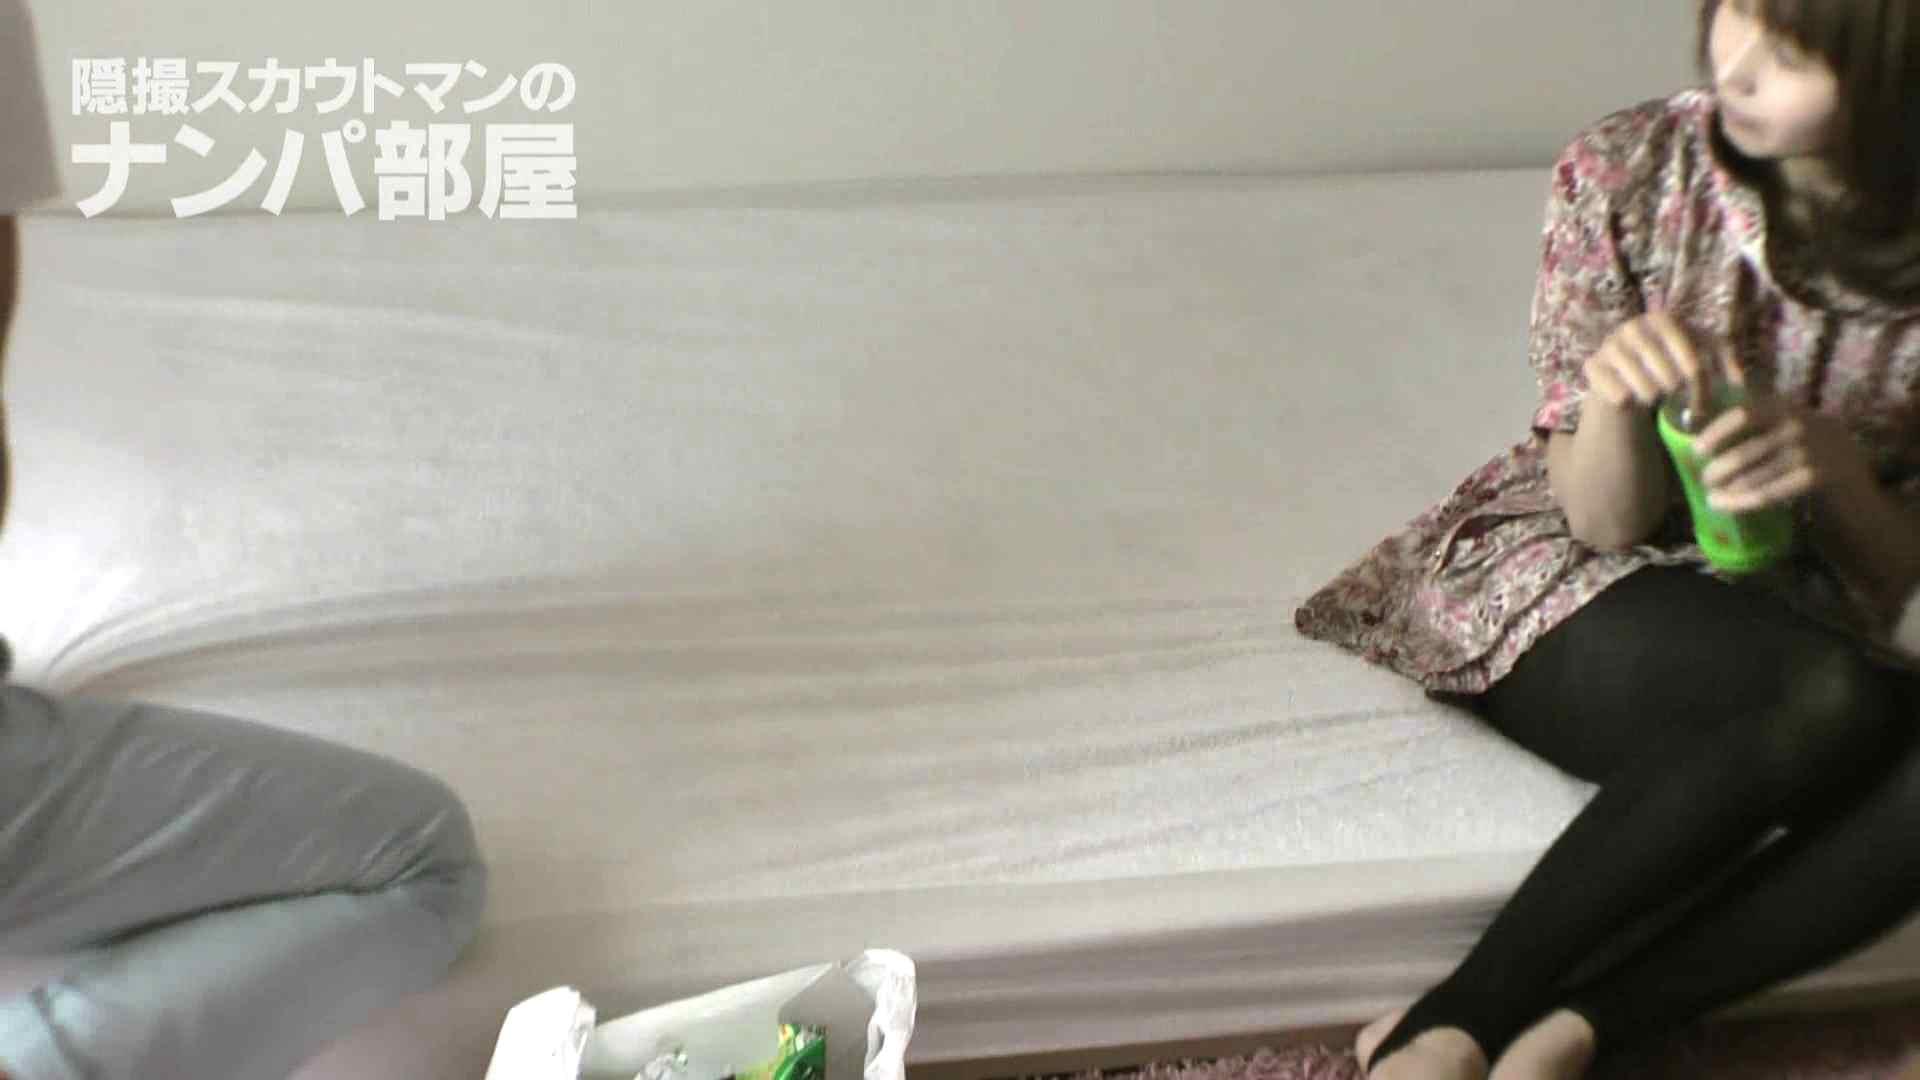 隠撮スカウトマンのナンパ部屋~風俗デビュー前のつまみ食い~ sii 0   0  104画像 6